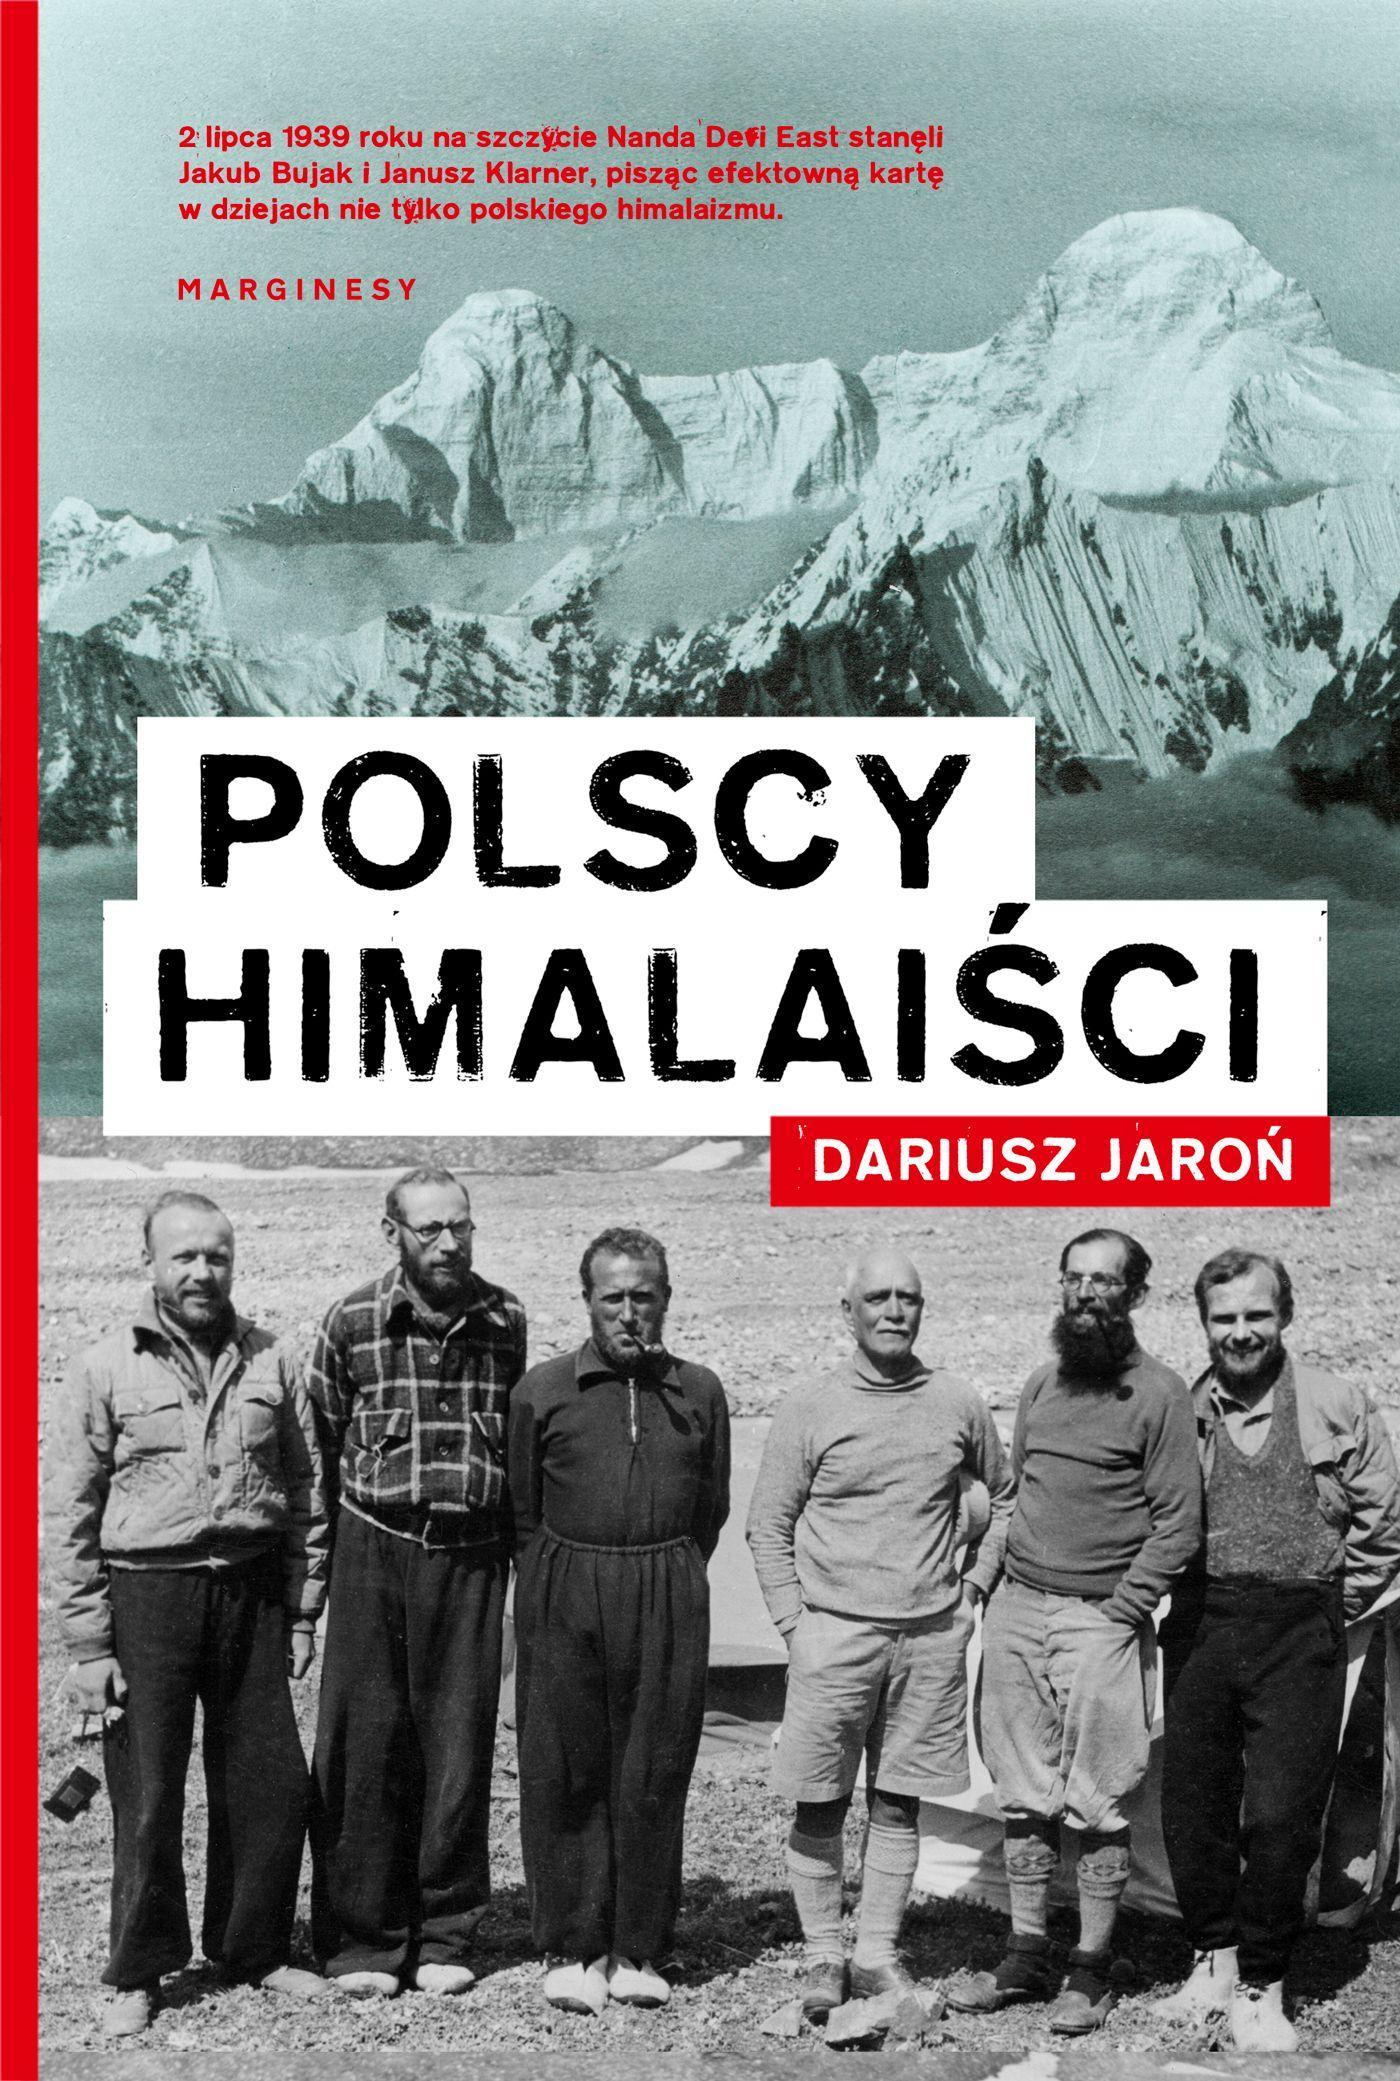 """Kup książkę Dariusza Jaronia pod tytułem """"Polscy himalaiści"""" z rabatem na empik.com."""